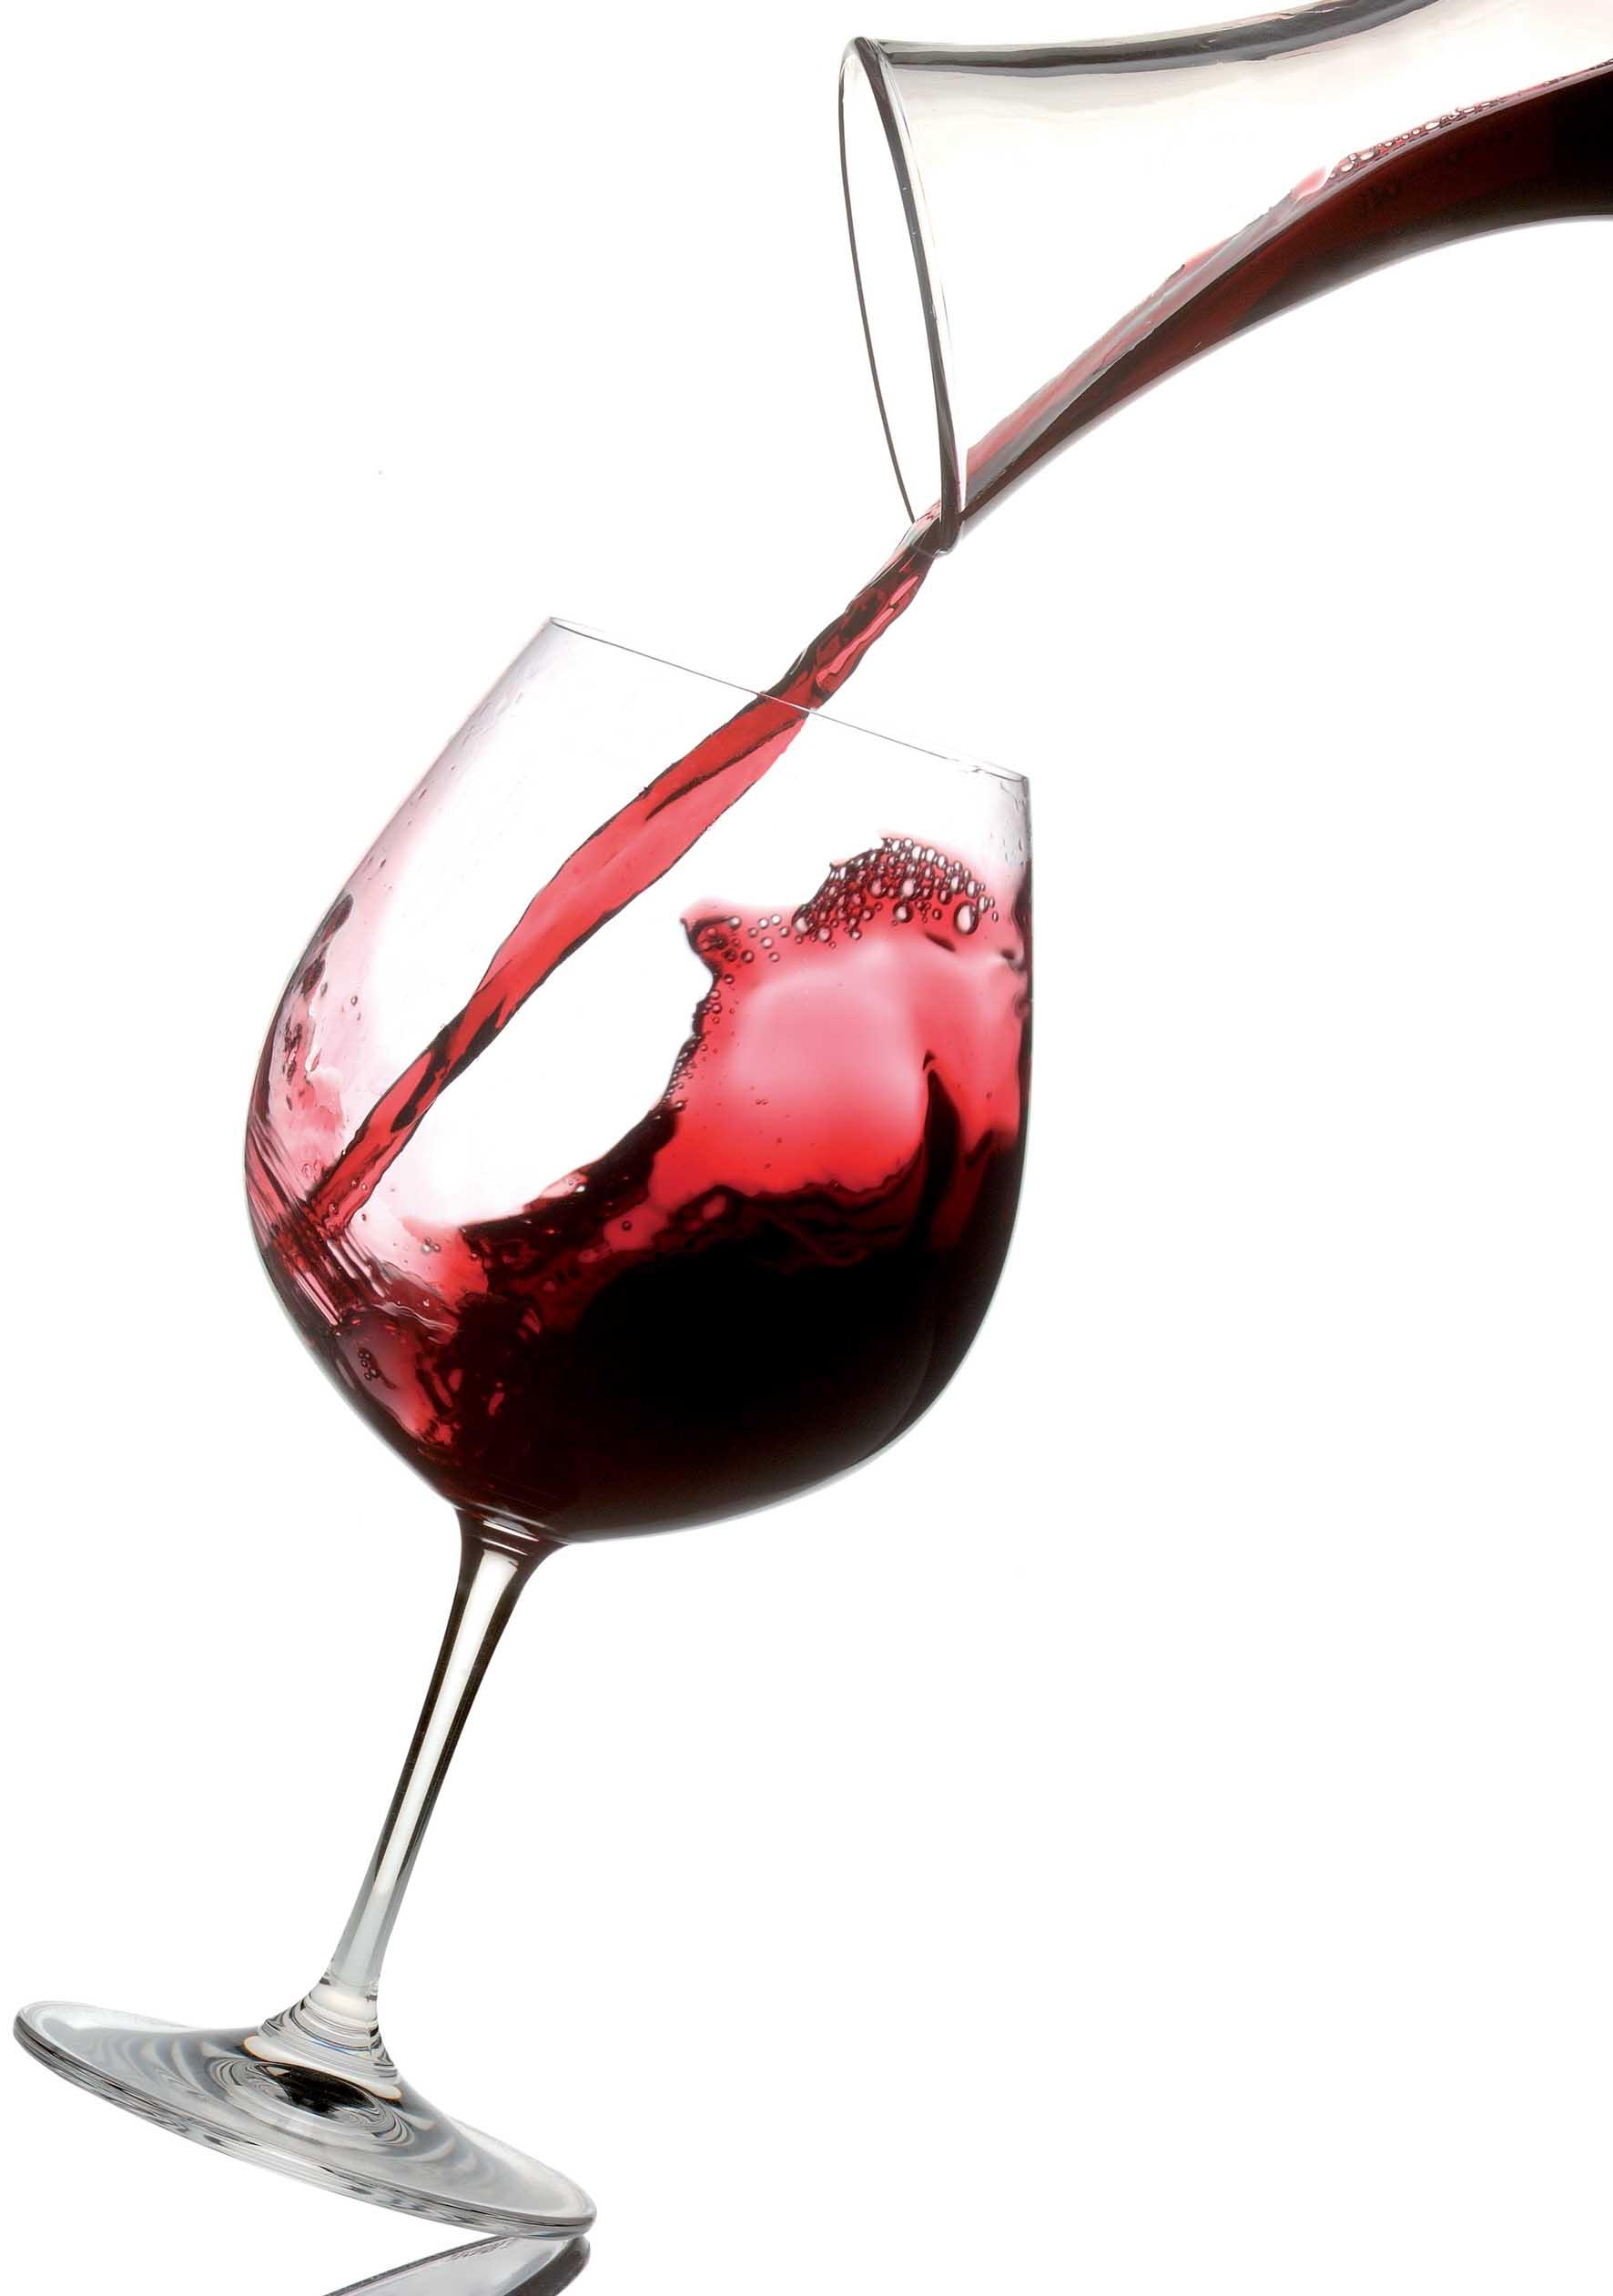 apt trento foto Baroni  Vino rosso  Bicchiere e decanter 1